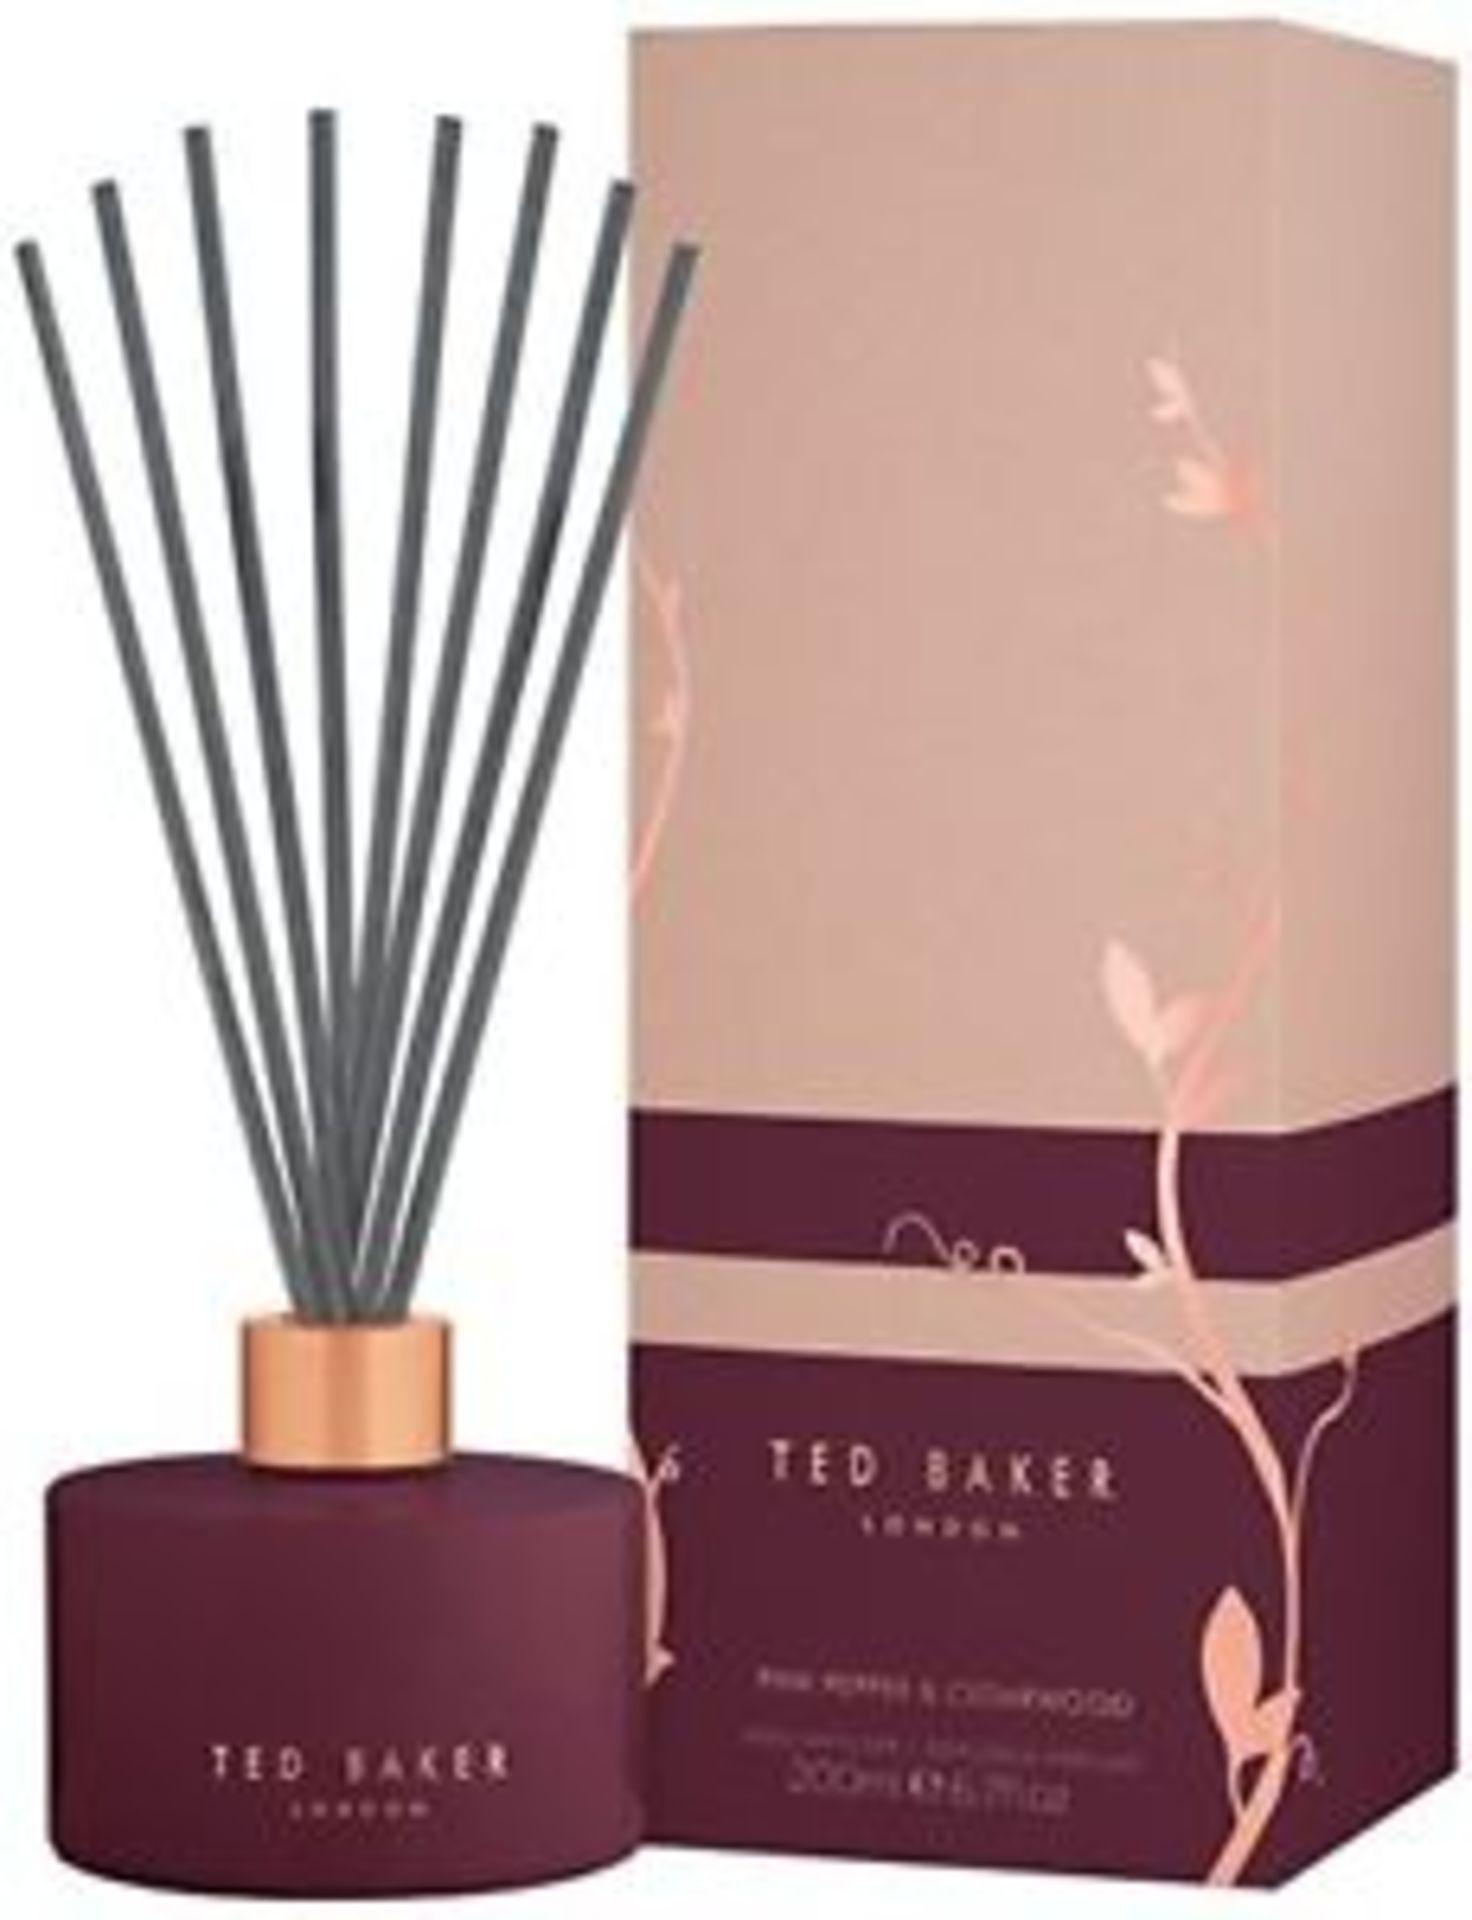 Lot 50101 - V Brand New Ted Baker Pink Pepper & Cedarwood Reed Diffuser - ISP £34.00 (John Lewis)